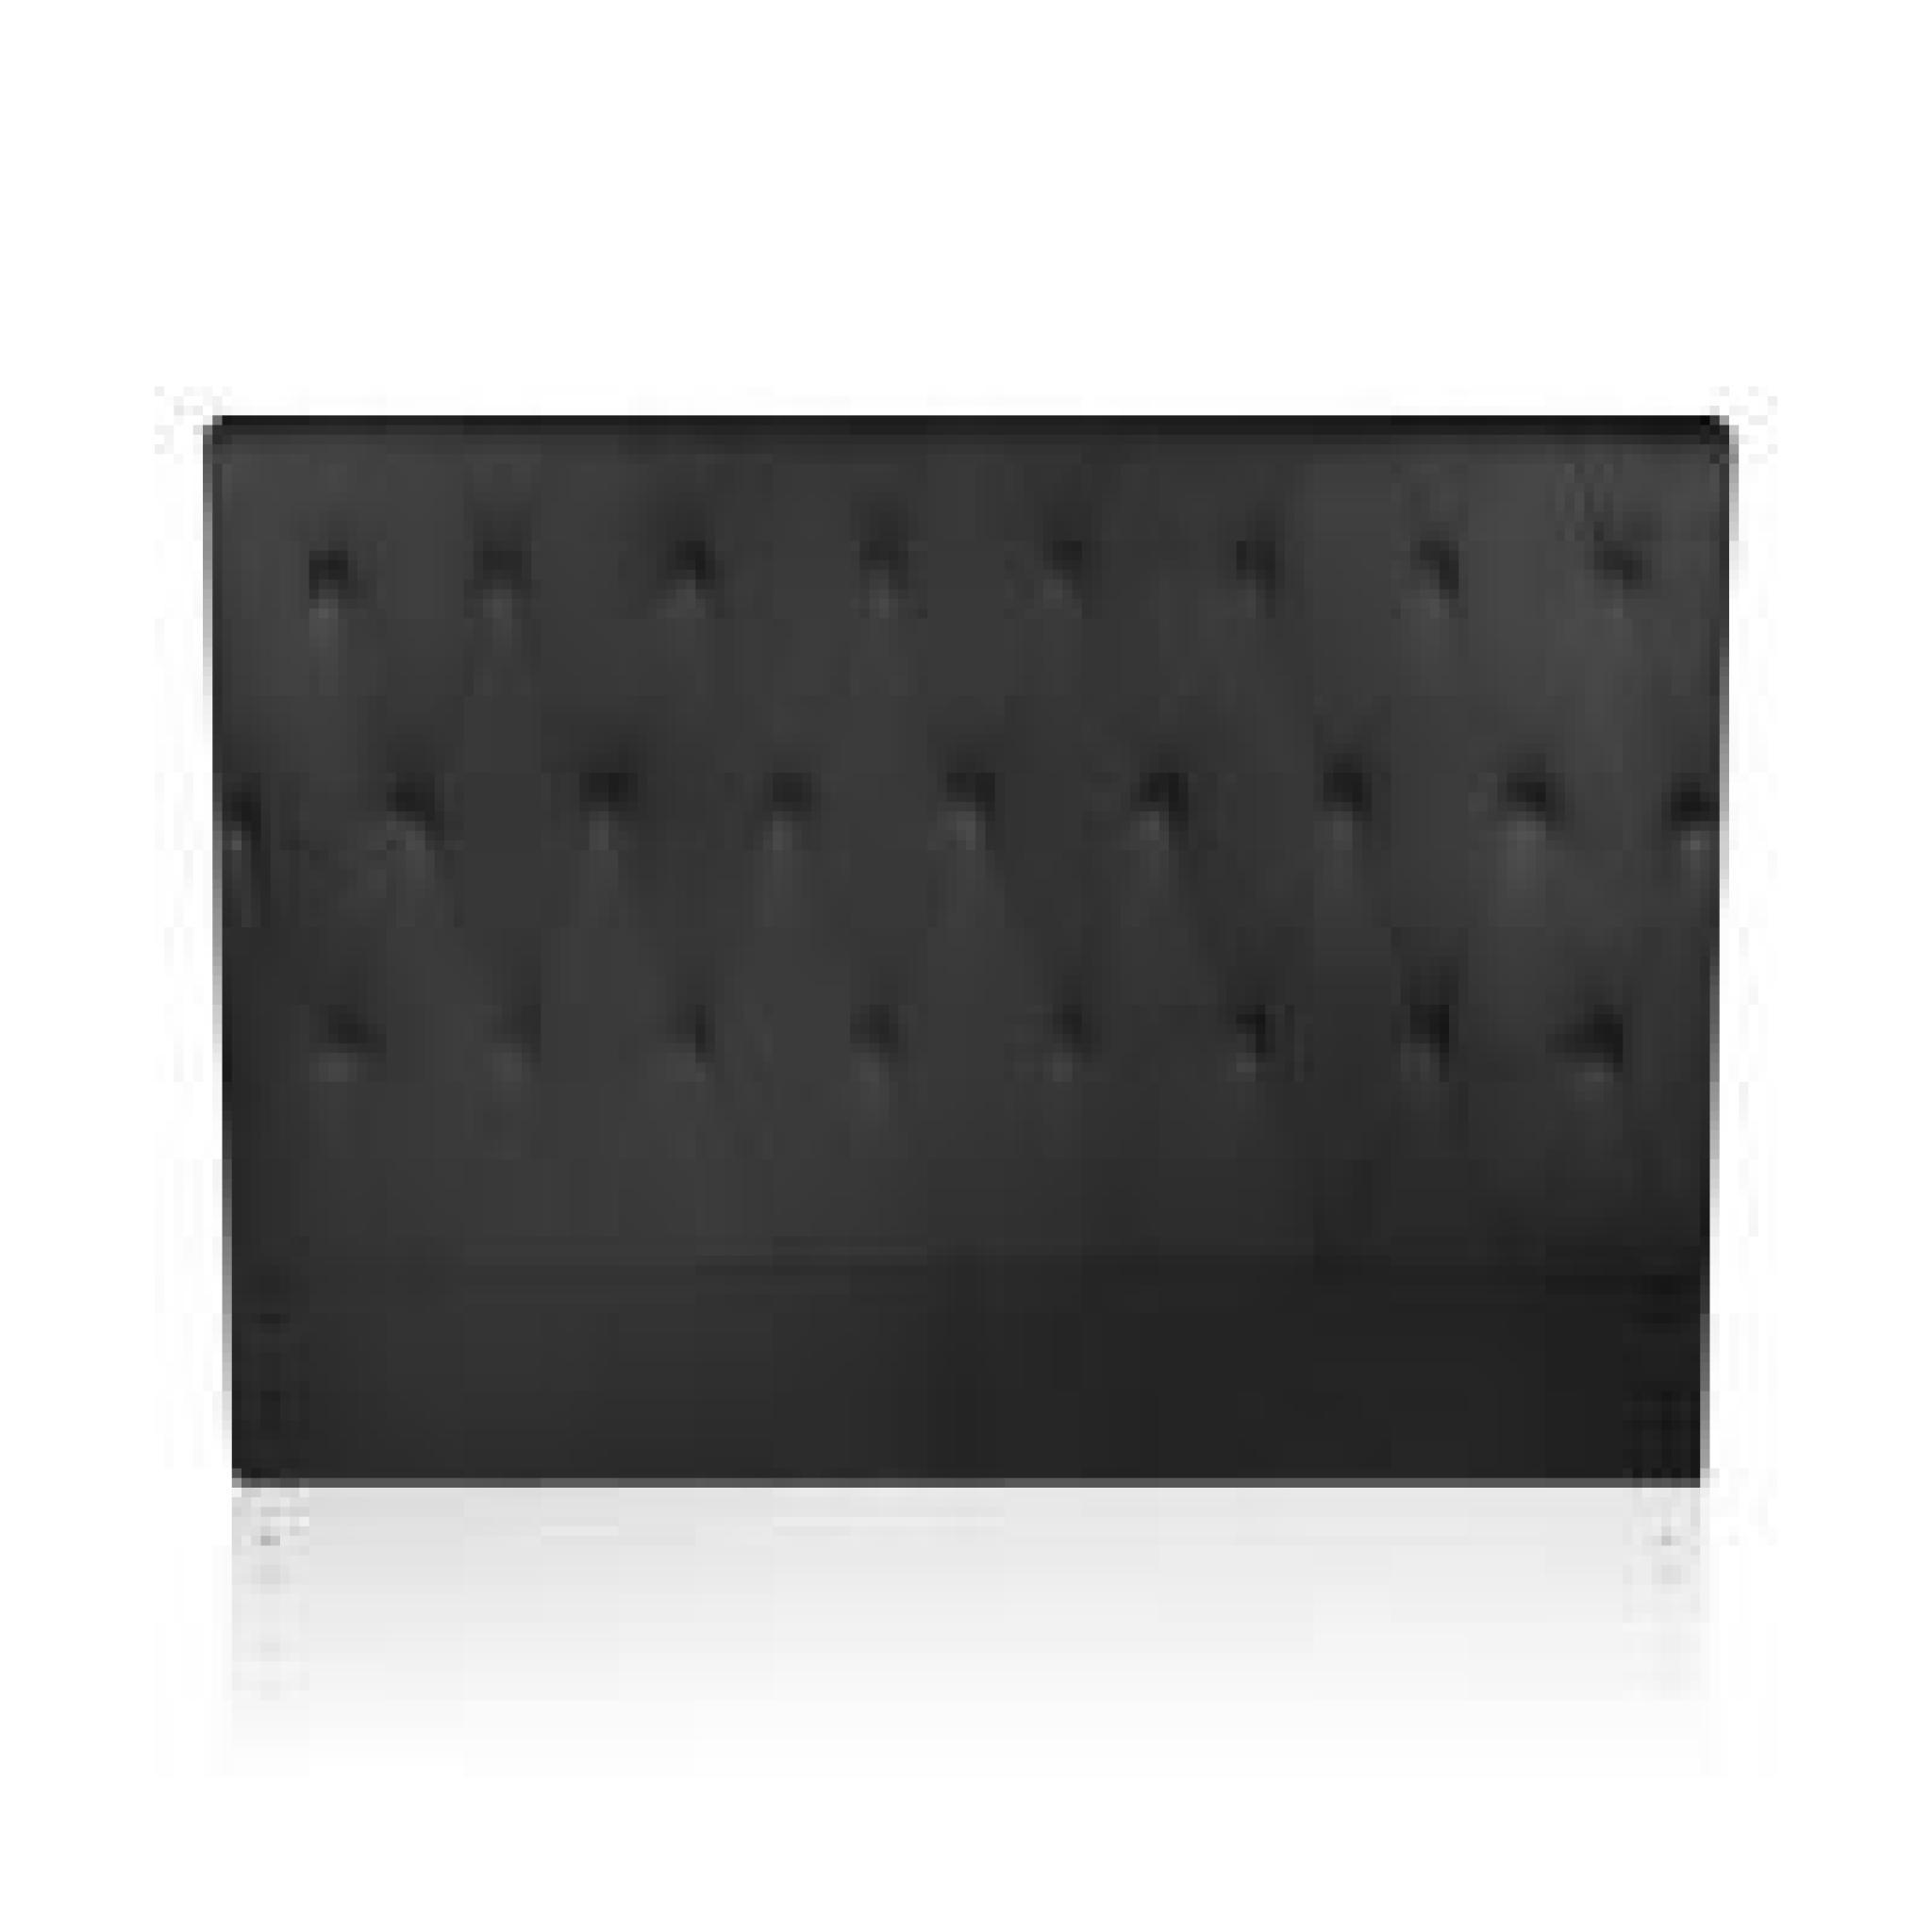 T te de lit capitonn e noir 160 cm magic achat vente tete de lit pas cher couleur et - Porte capitonnee prix ...